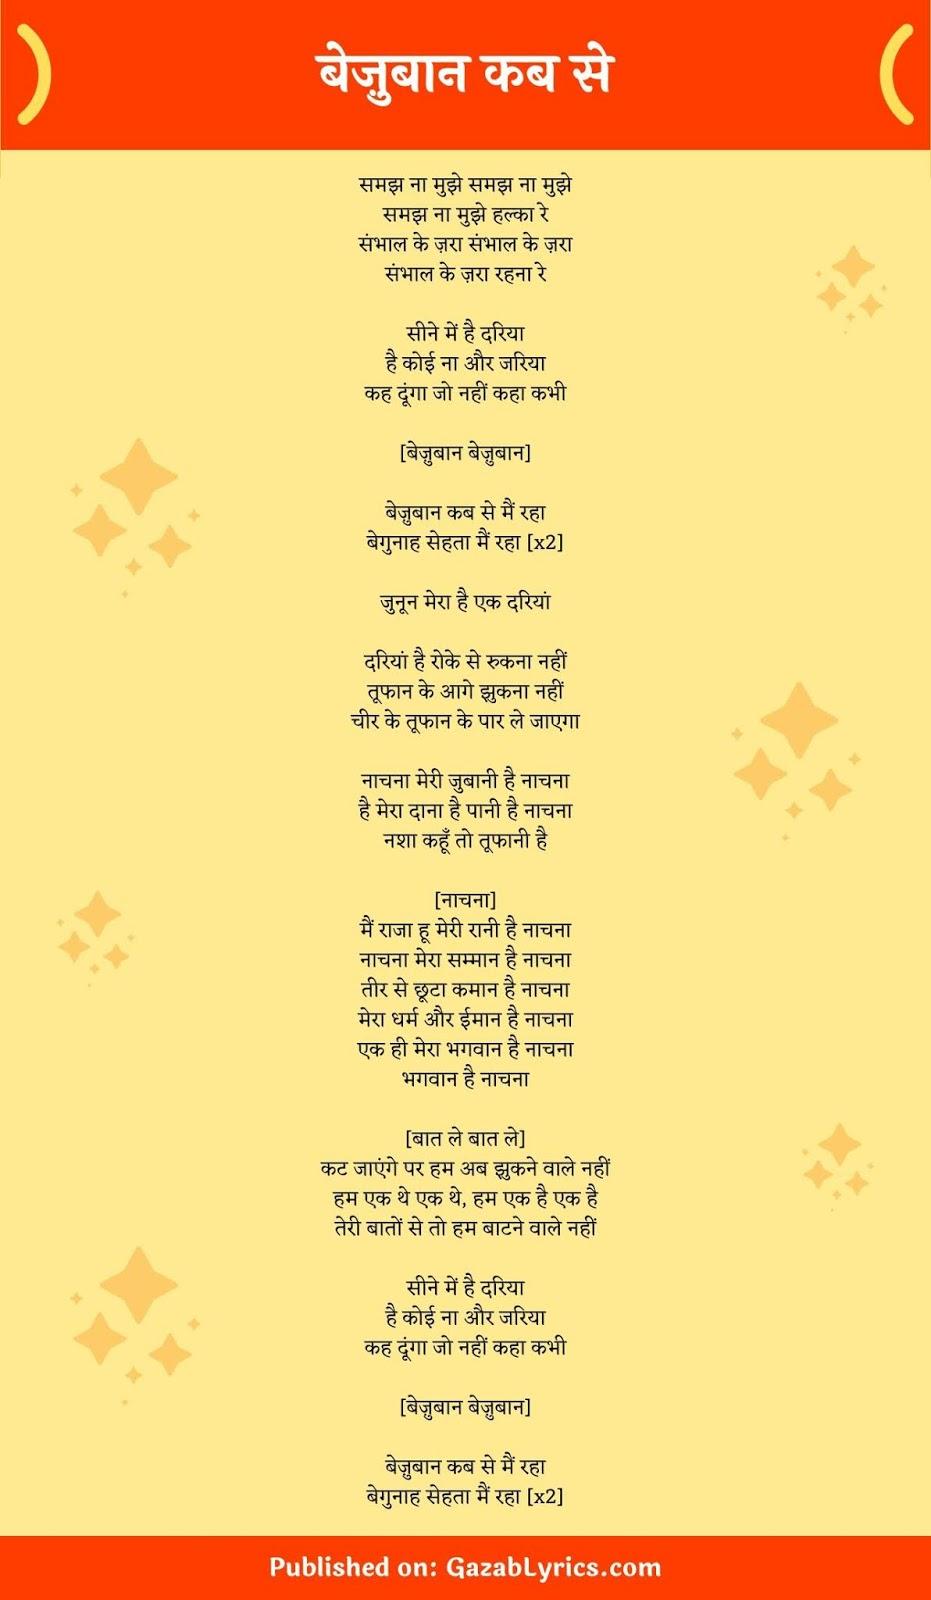 Bezubaan Kab Se song lyrics image